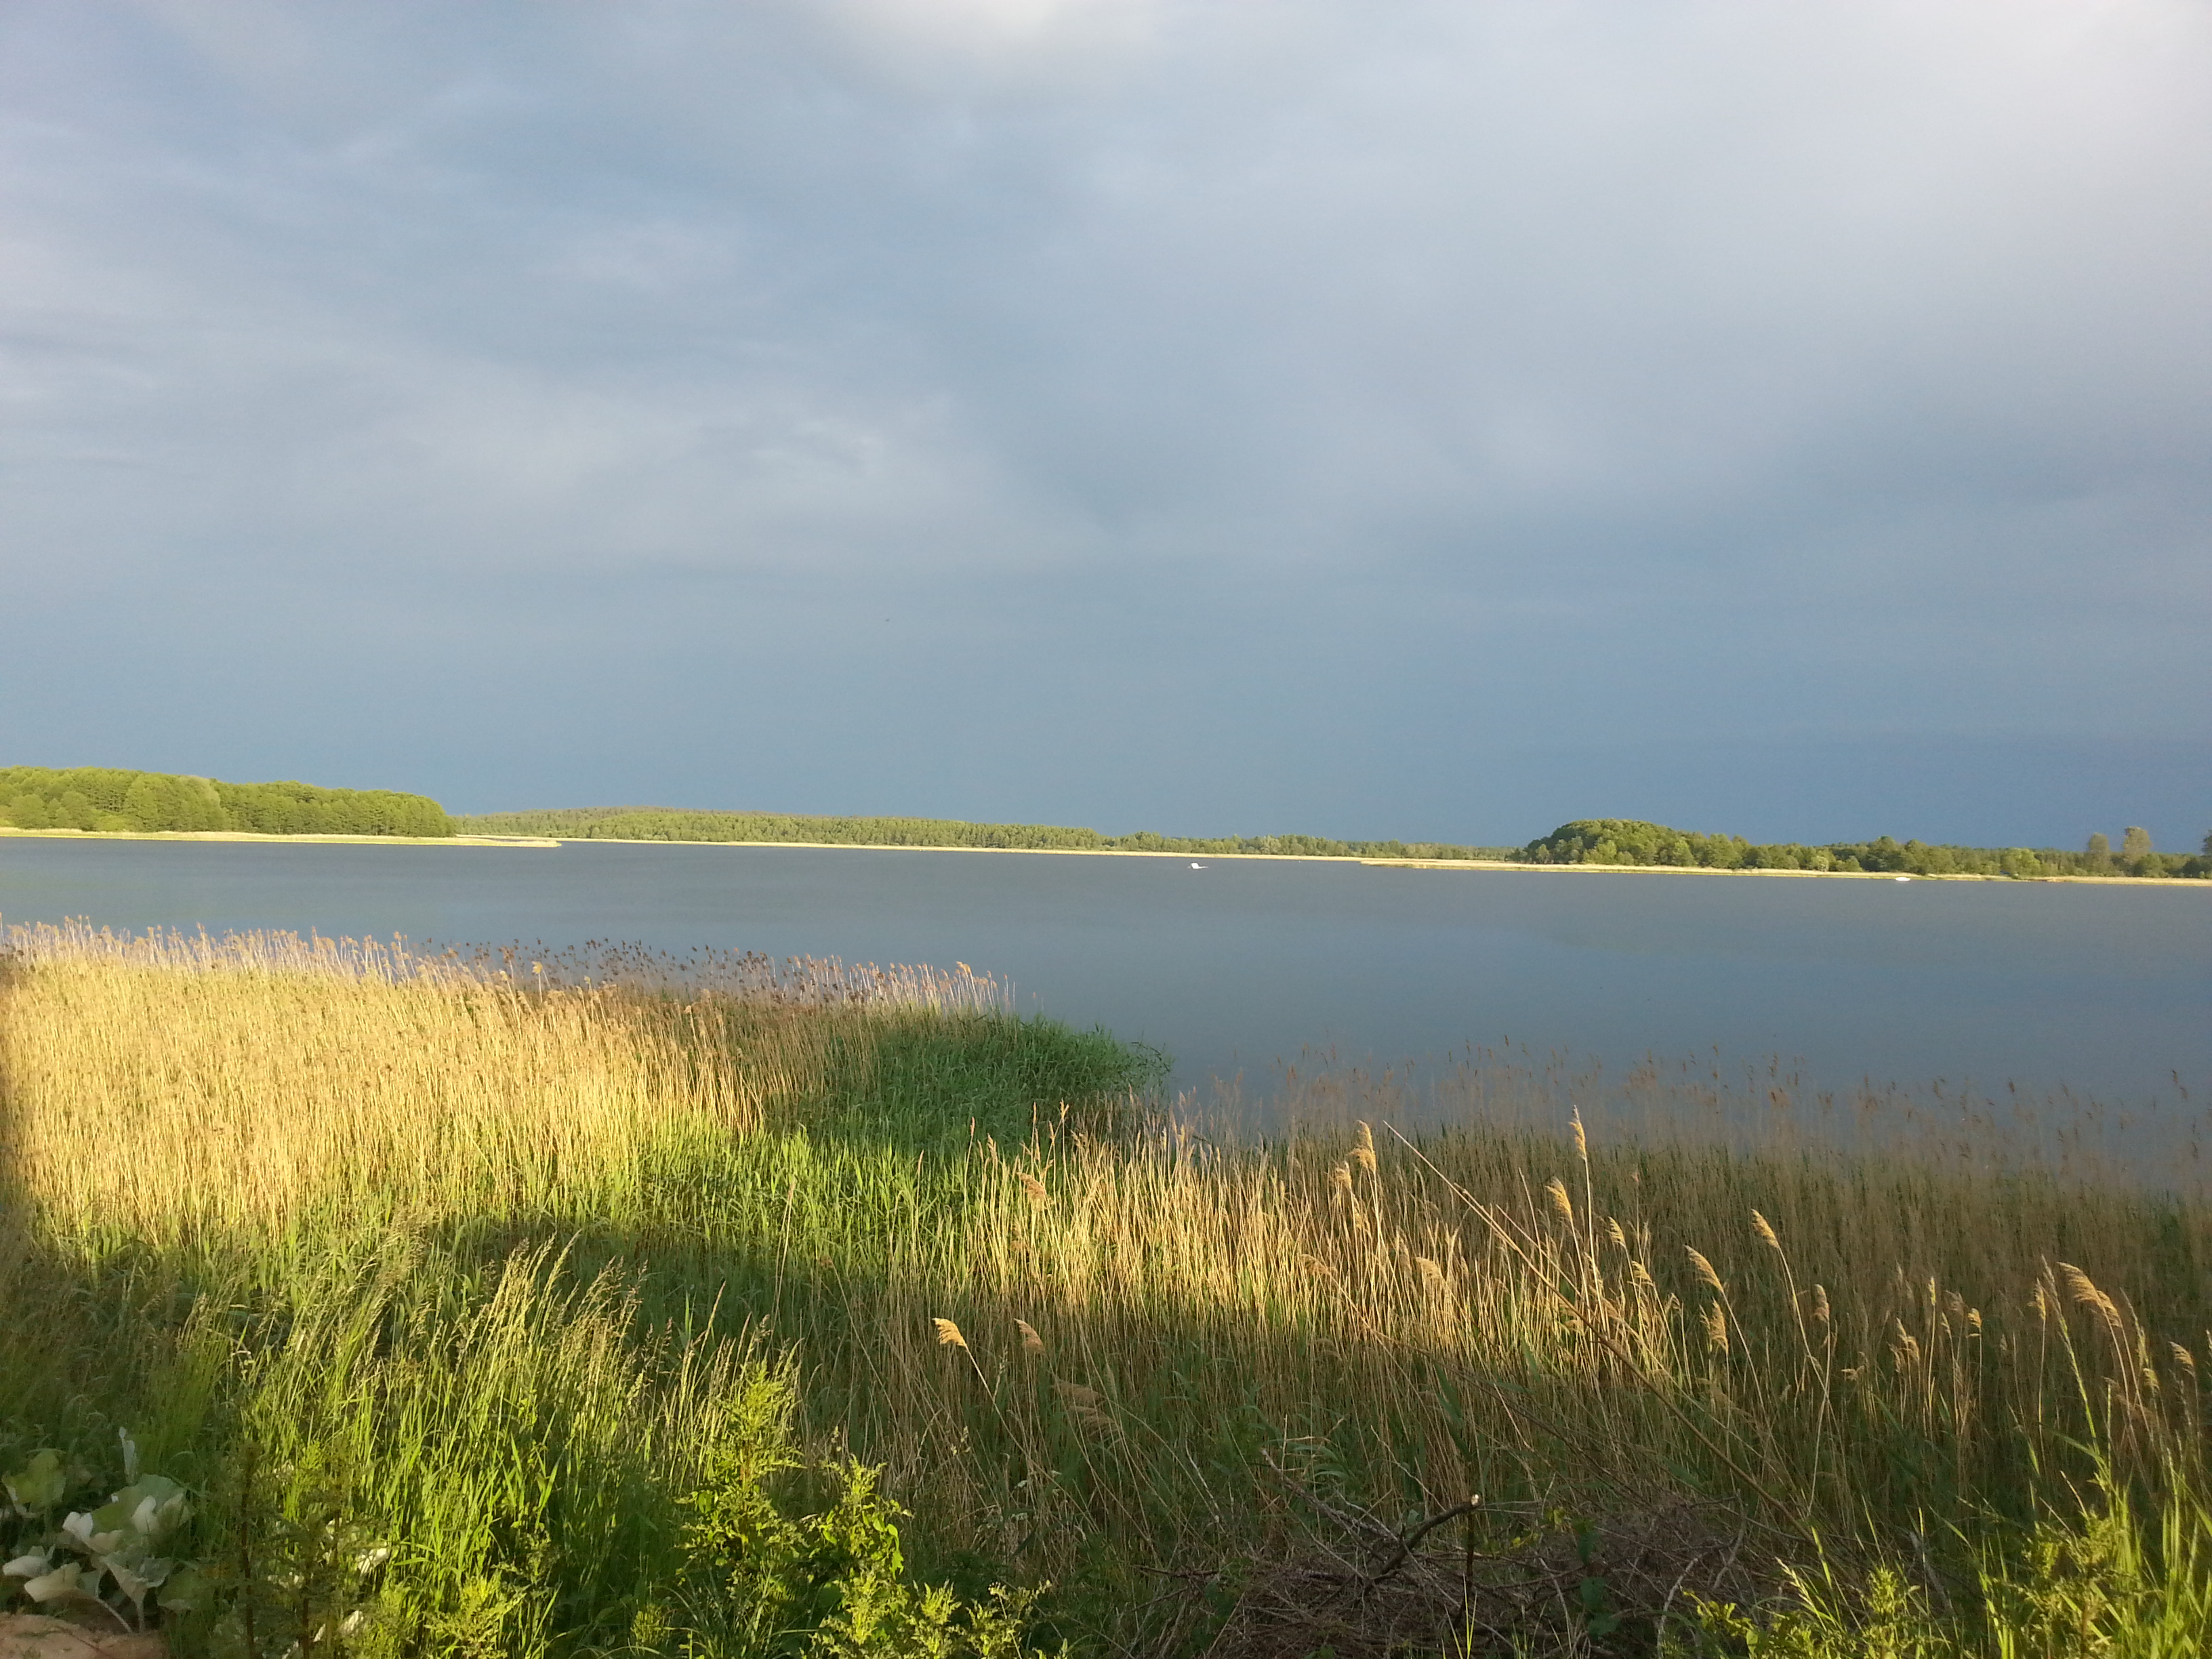 Jezioro Święcajty, Róg Kalski, noclegi na Mazurach, domki nad jeziorem